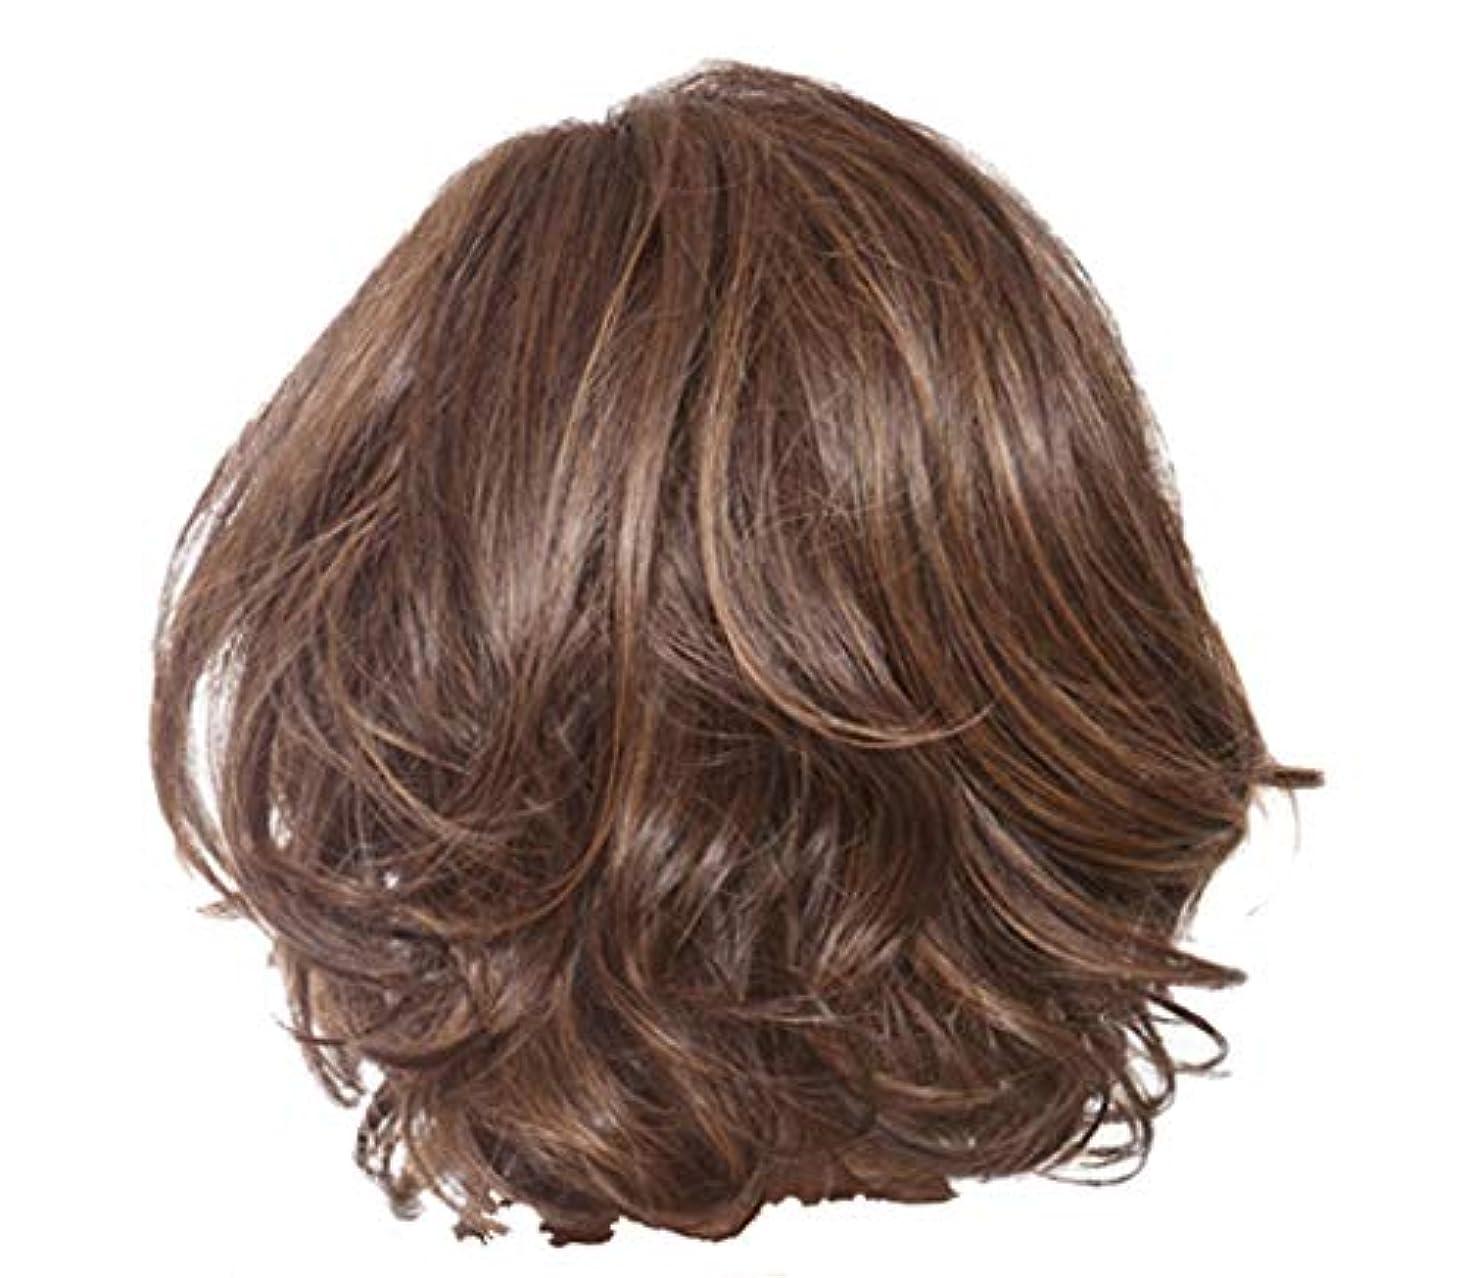 実現可能性区別するクリスマスウィッグ女性のセクシーな短い巻き毛のかつらクールなハンサムなかつら36 cm